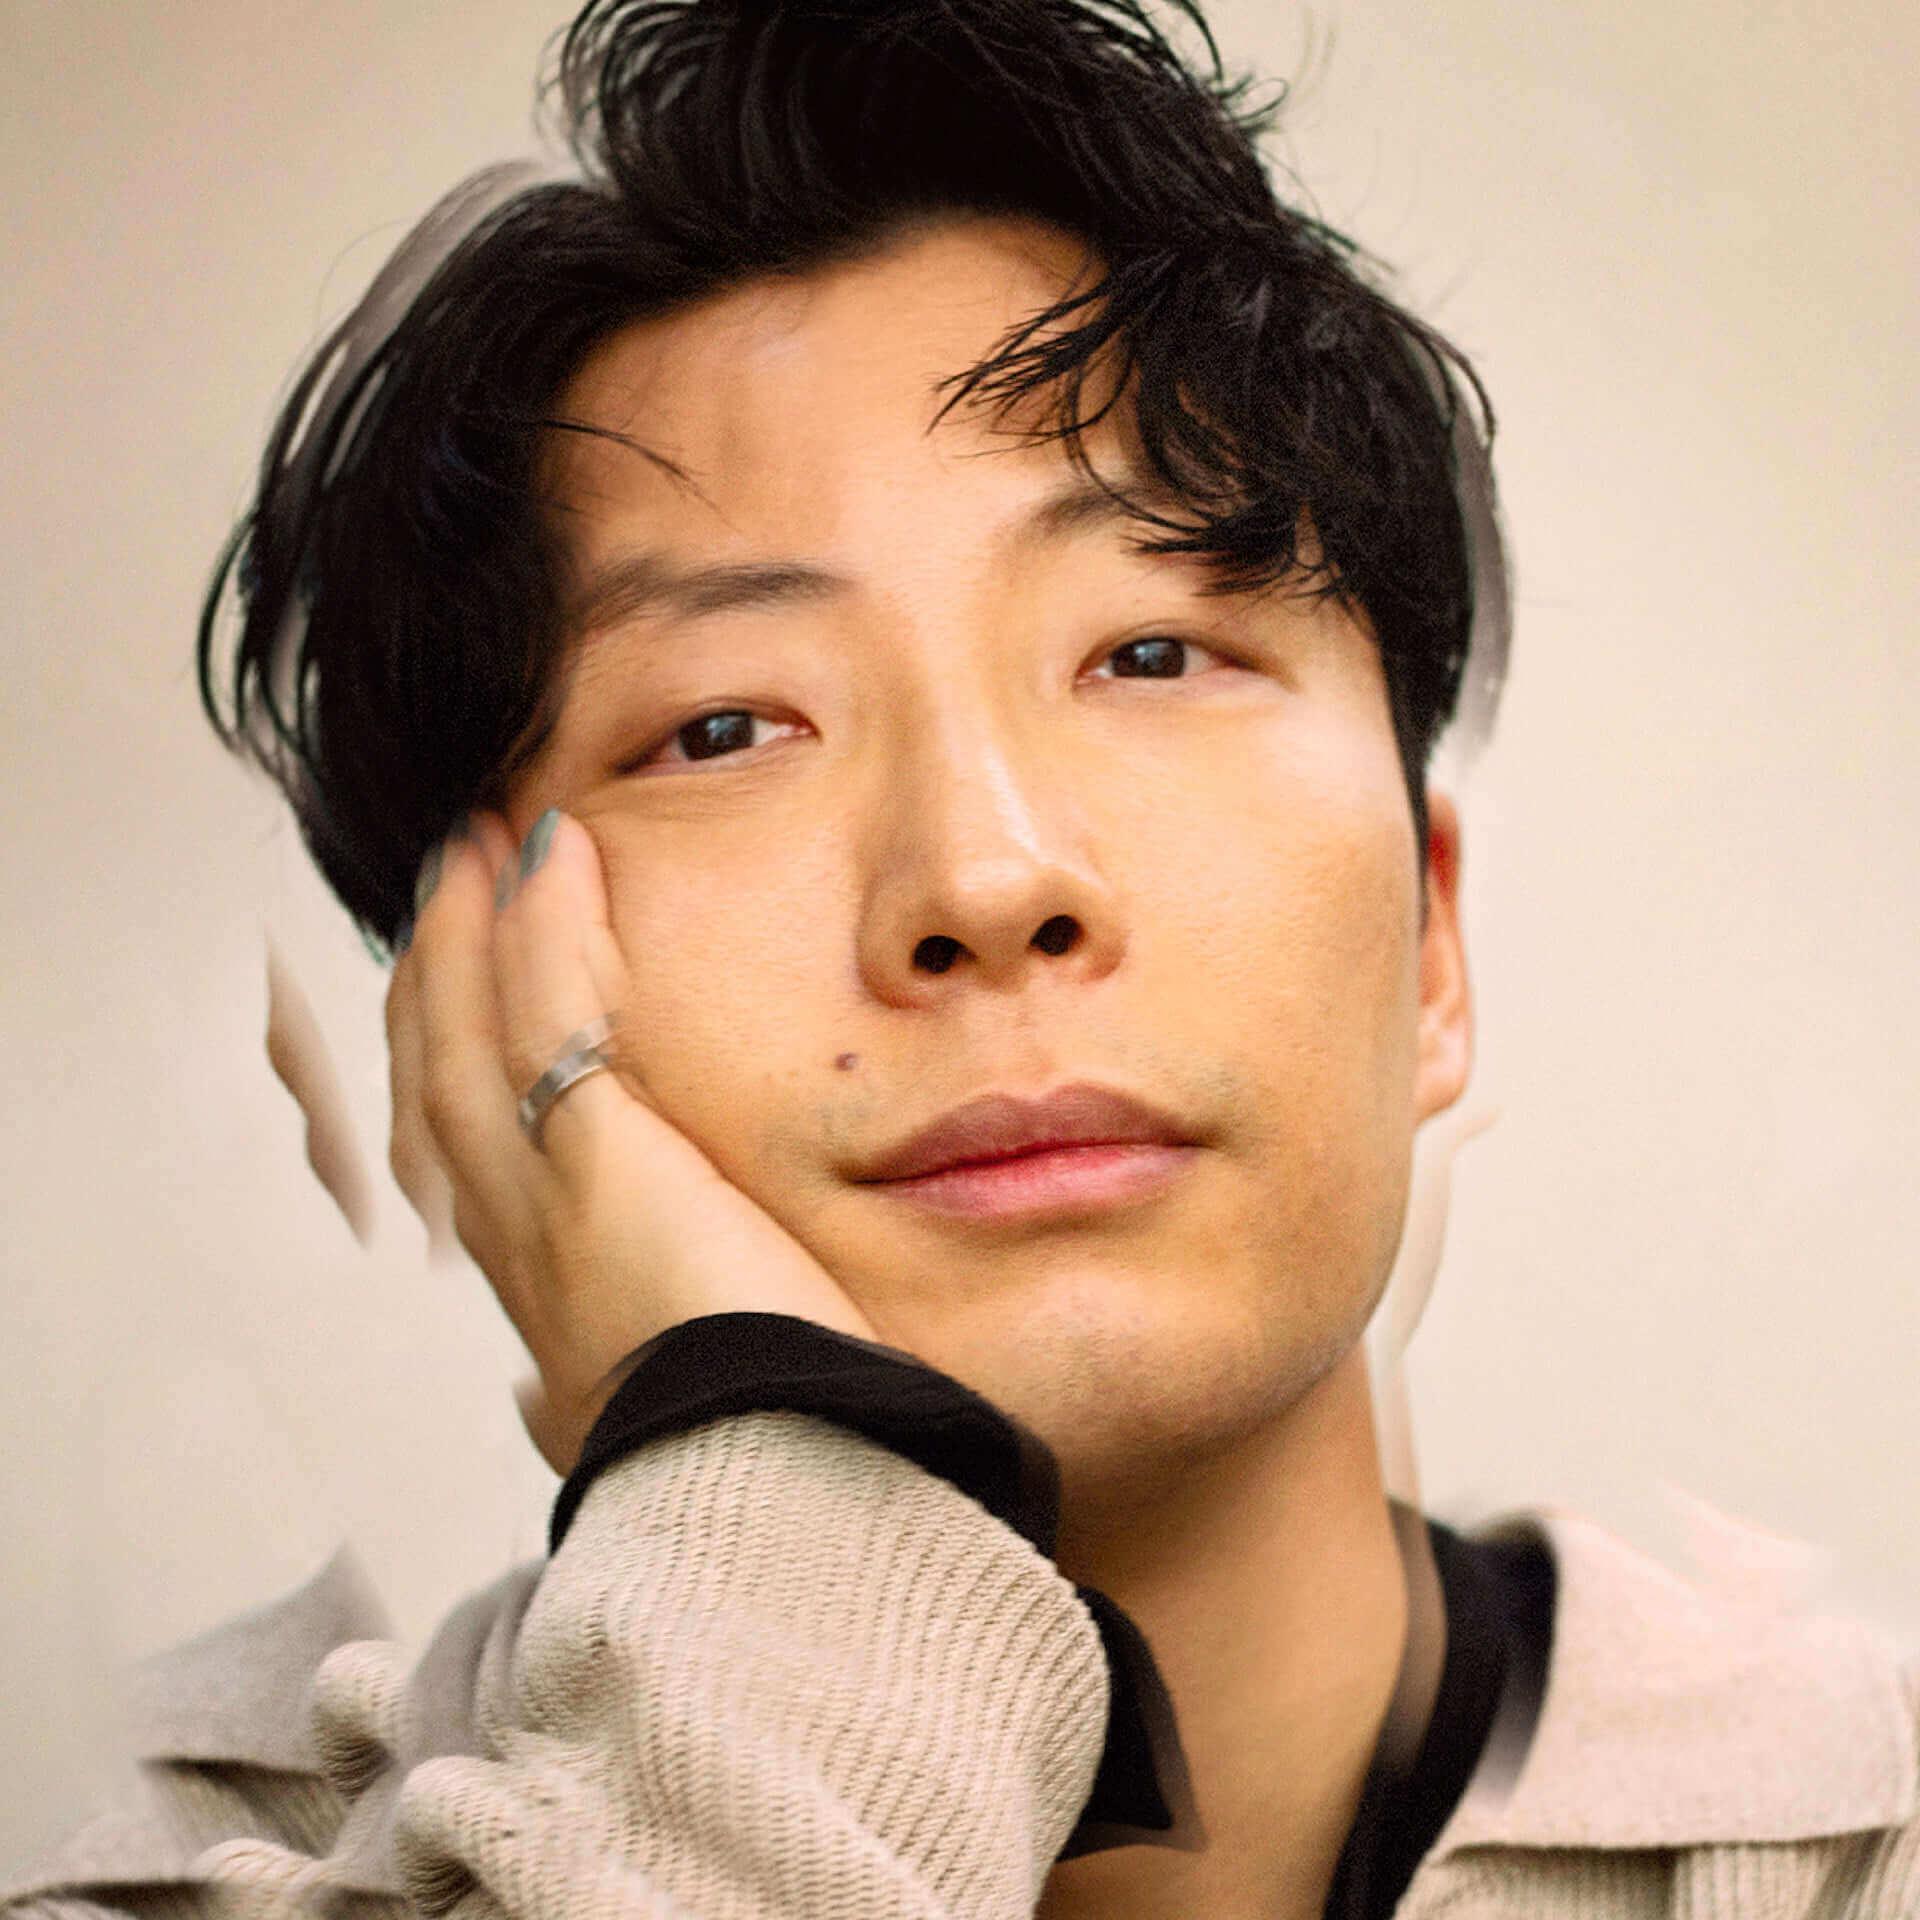 星野源がソロデビュー11周年!ニューシングル『不思議/創造』がリリース決定 art210511_hoshinogen_1